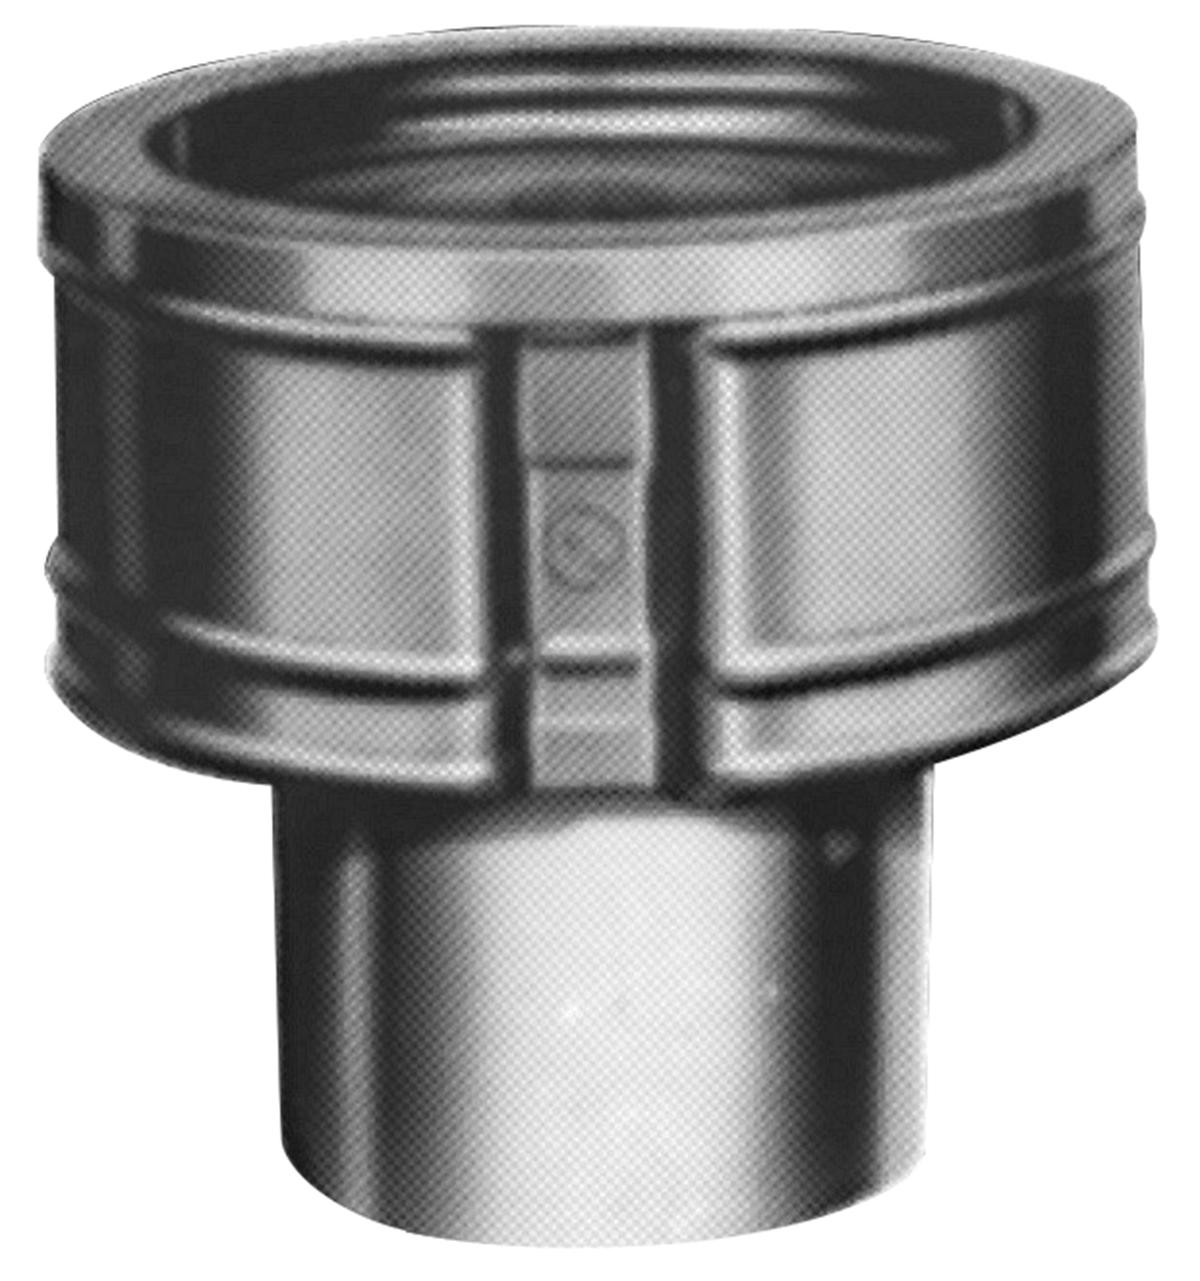 CU Universal Cap 10 30 Hart Cooley